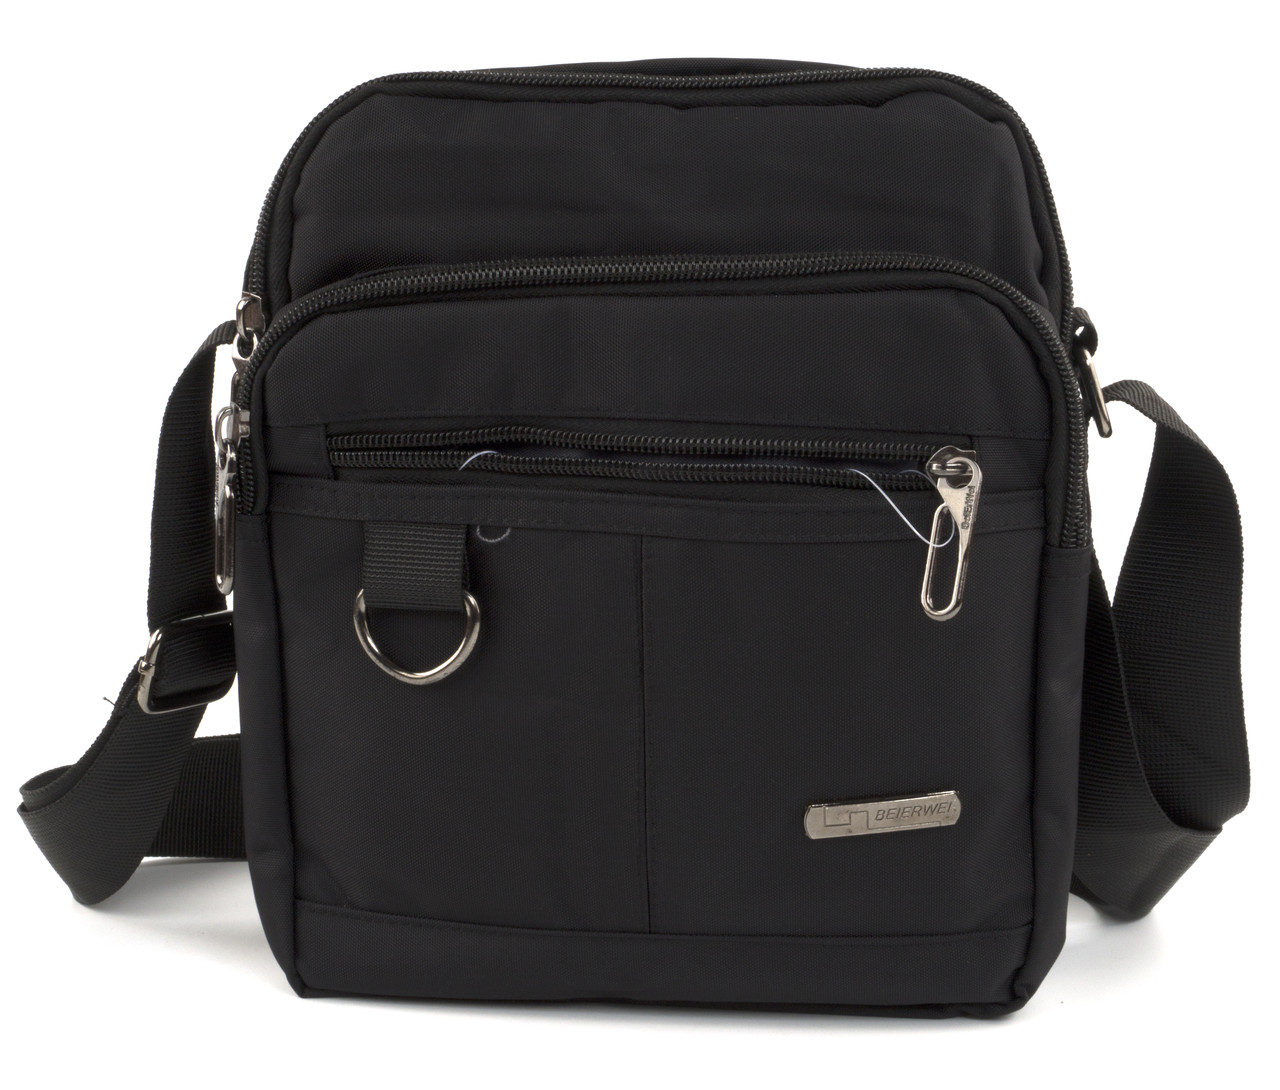 Вместительная мужская сумка Beierwei art. 6005 черная